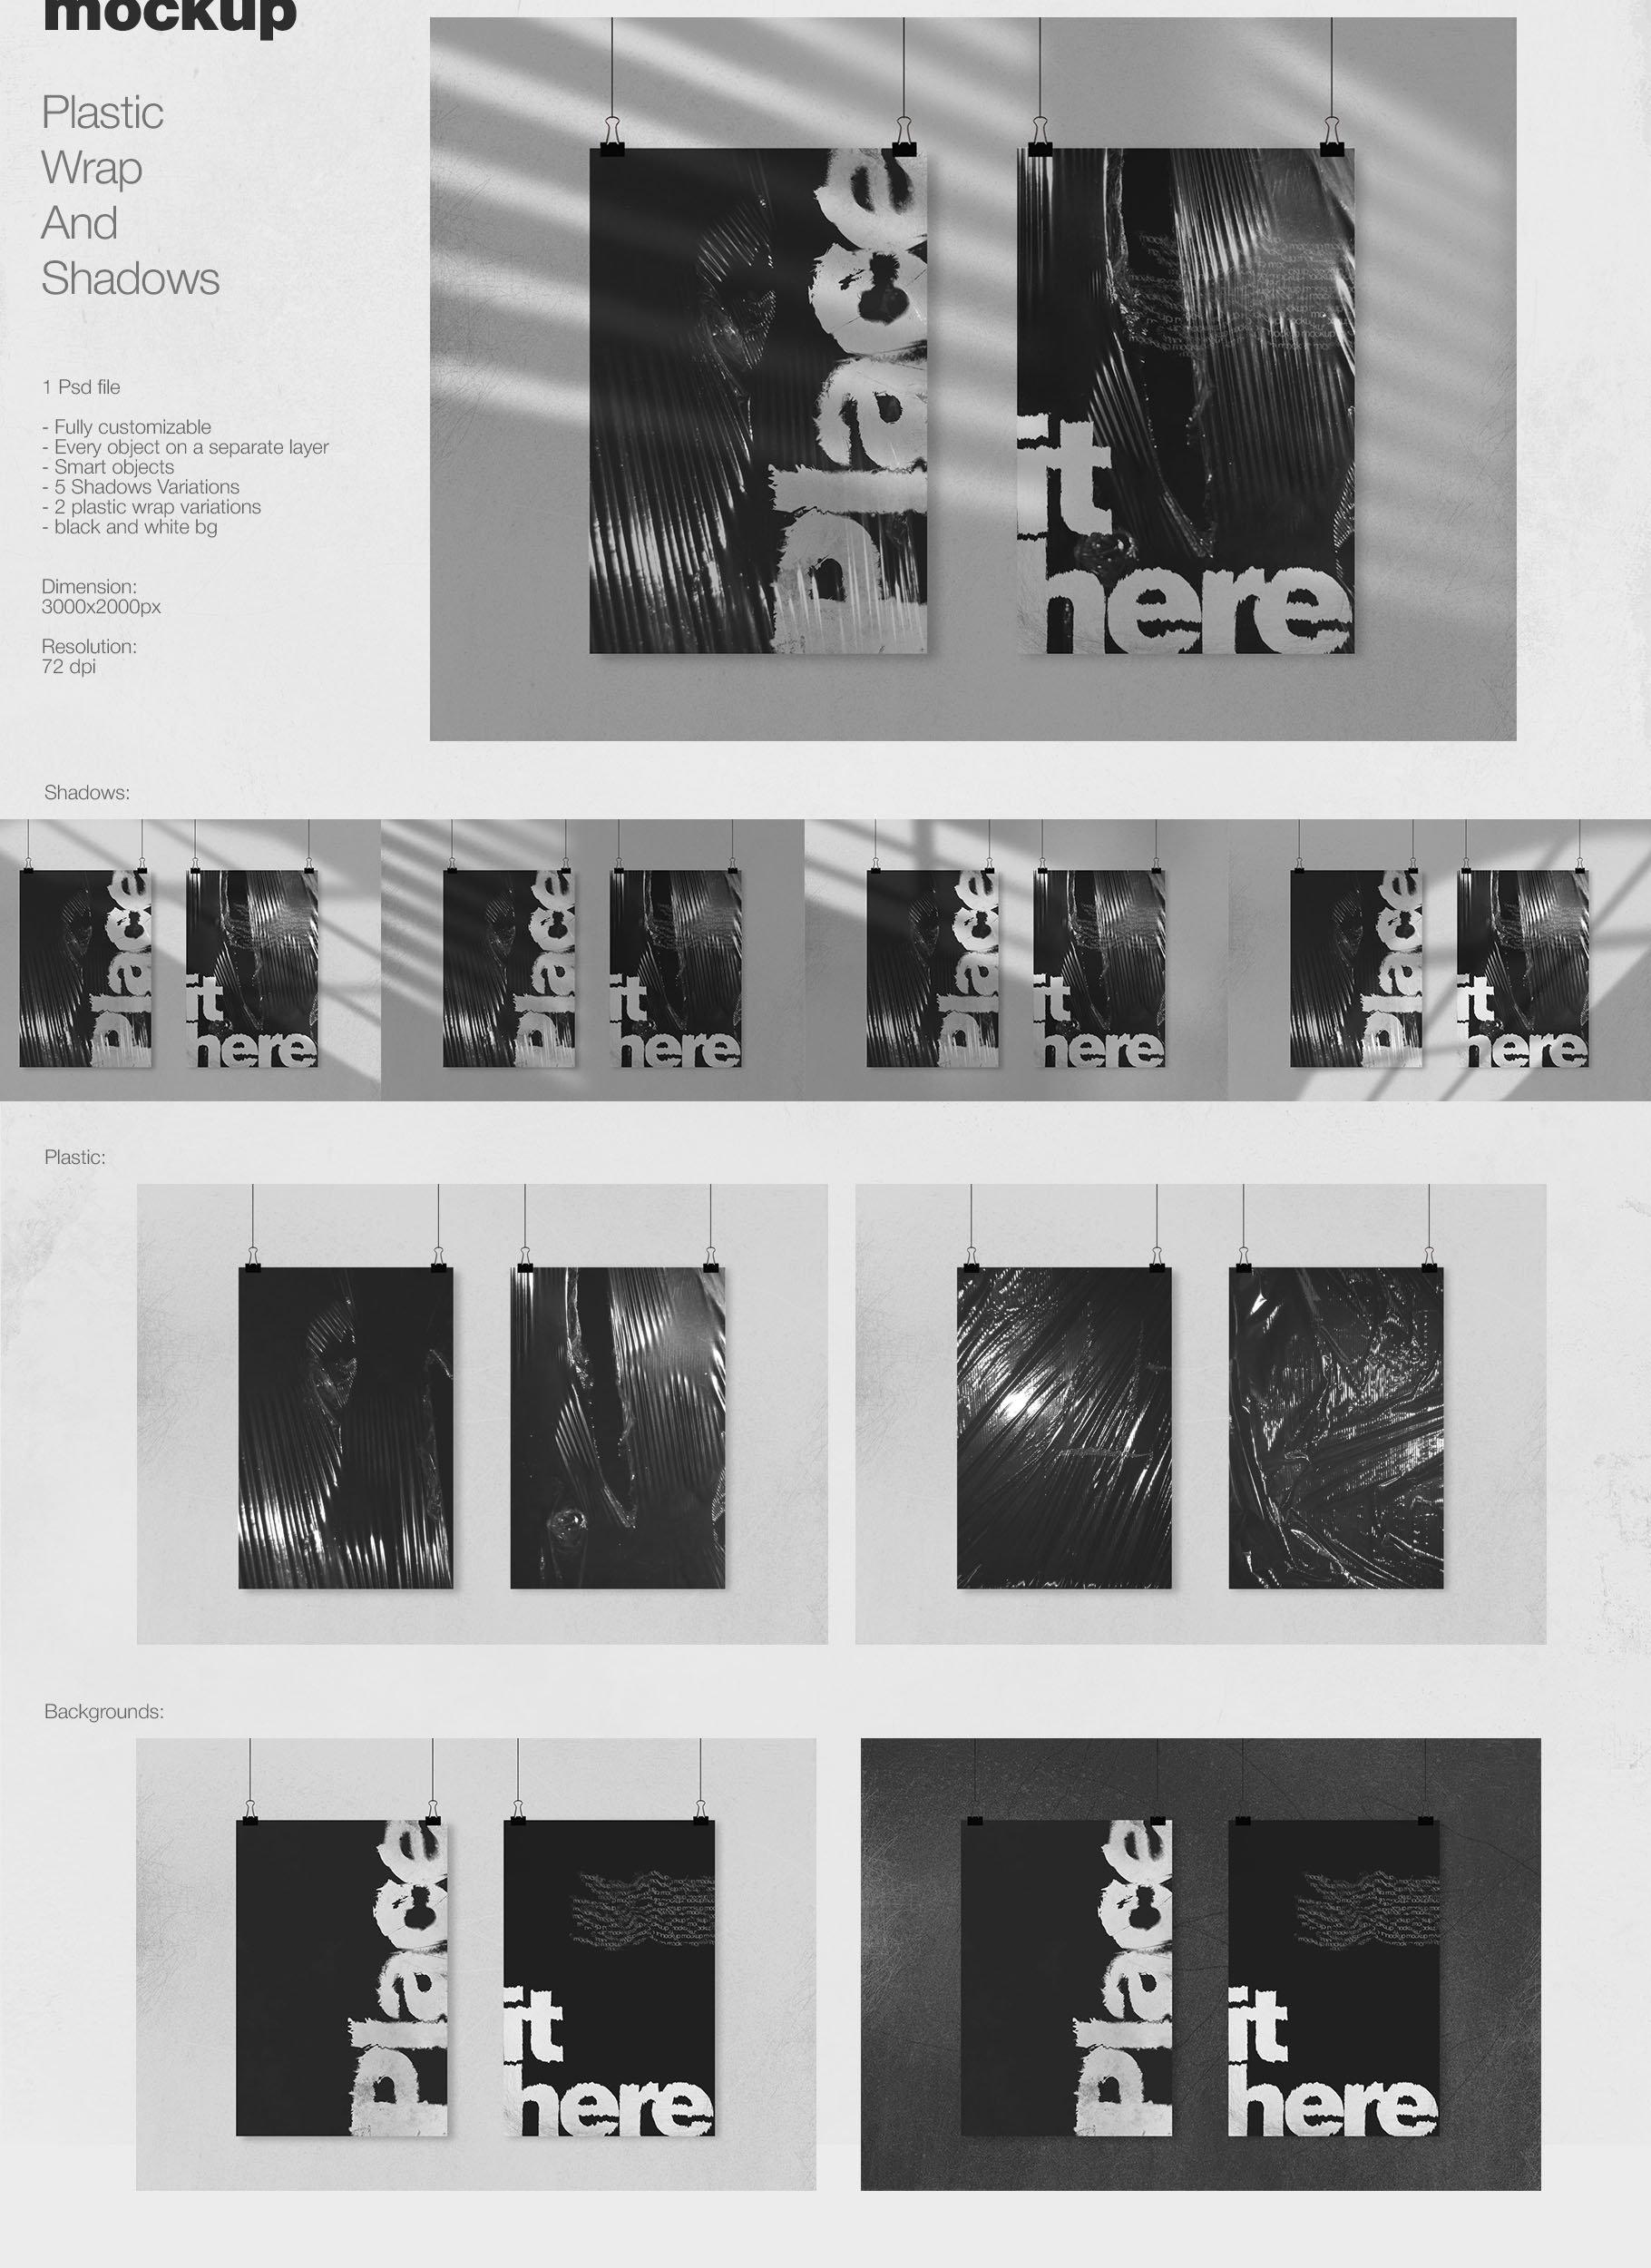 潮流创意抽象故障扭曲置换海报字体特效PS设计素材 Kinetic – Displacement Maps插图10